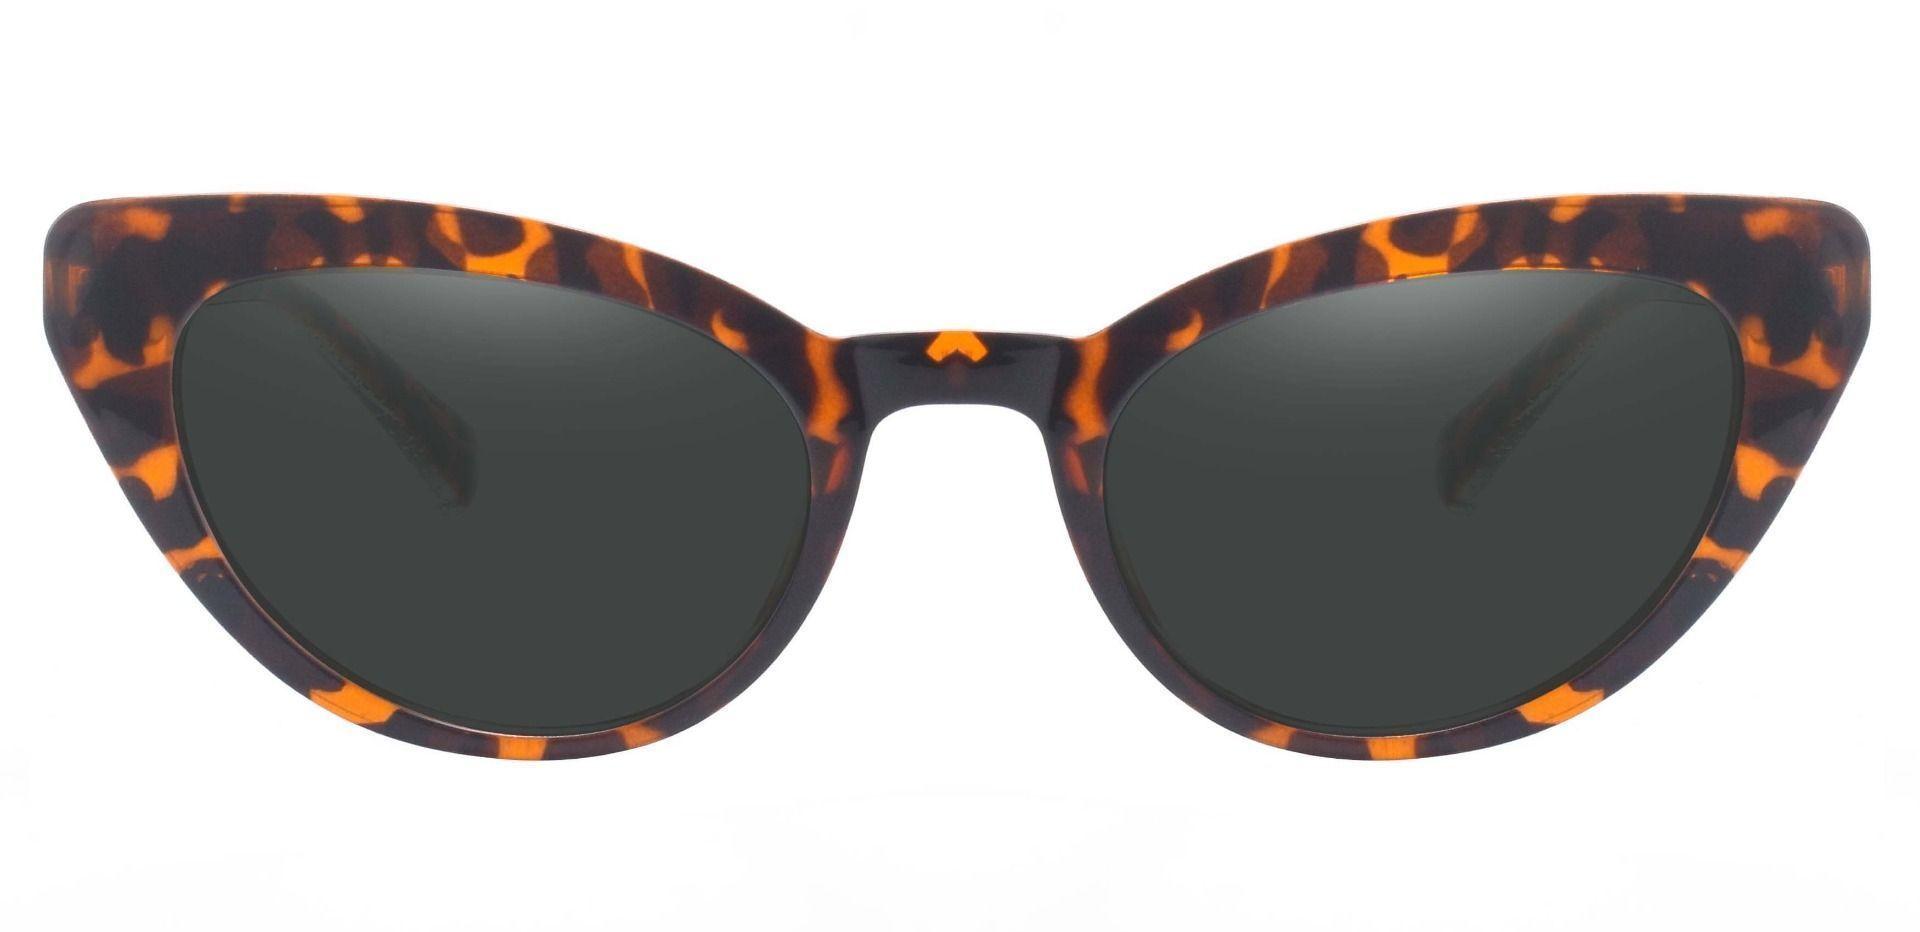 June Cat Eye Reading Sunglasses - Leopard Frame With Gray Lenses